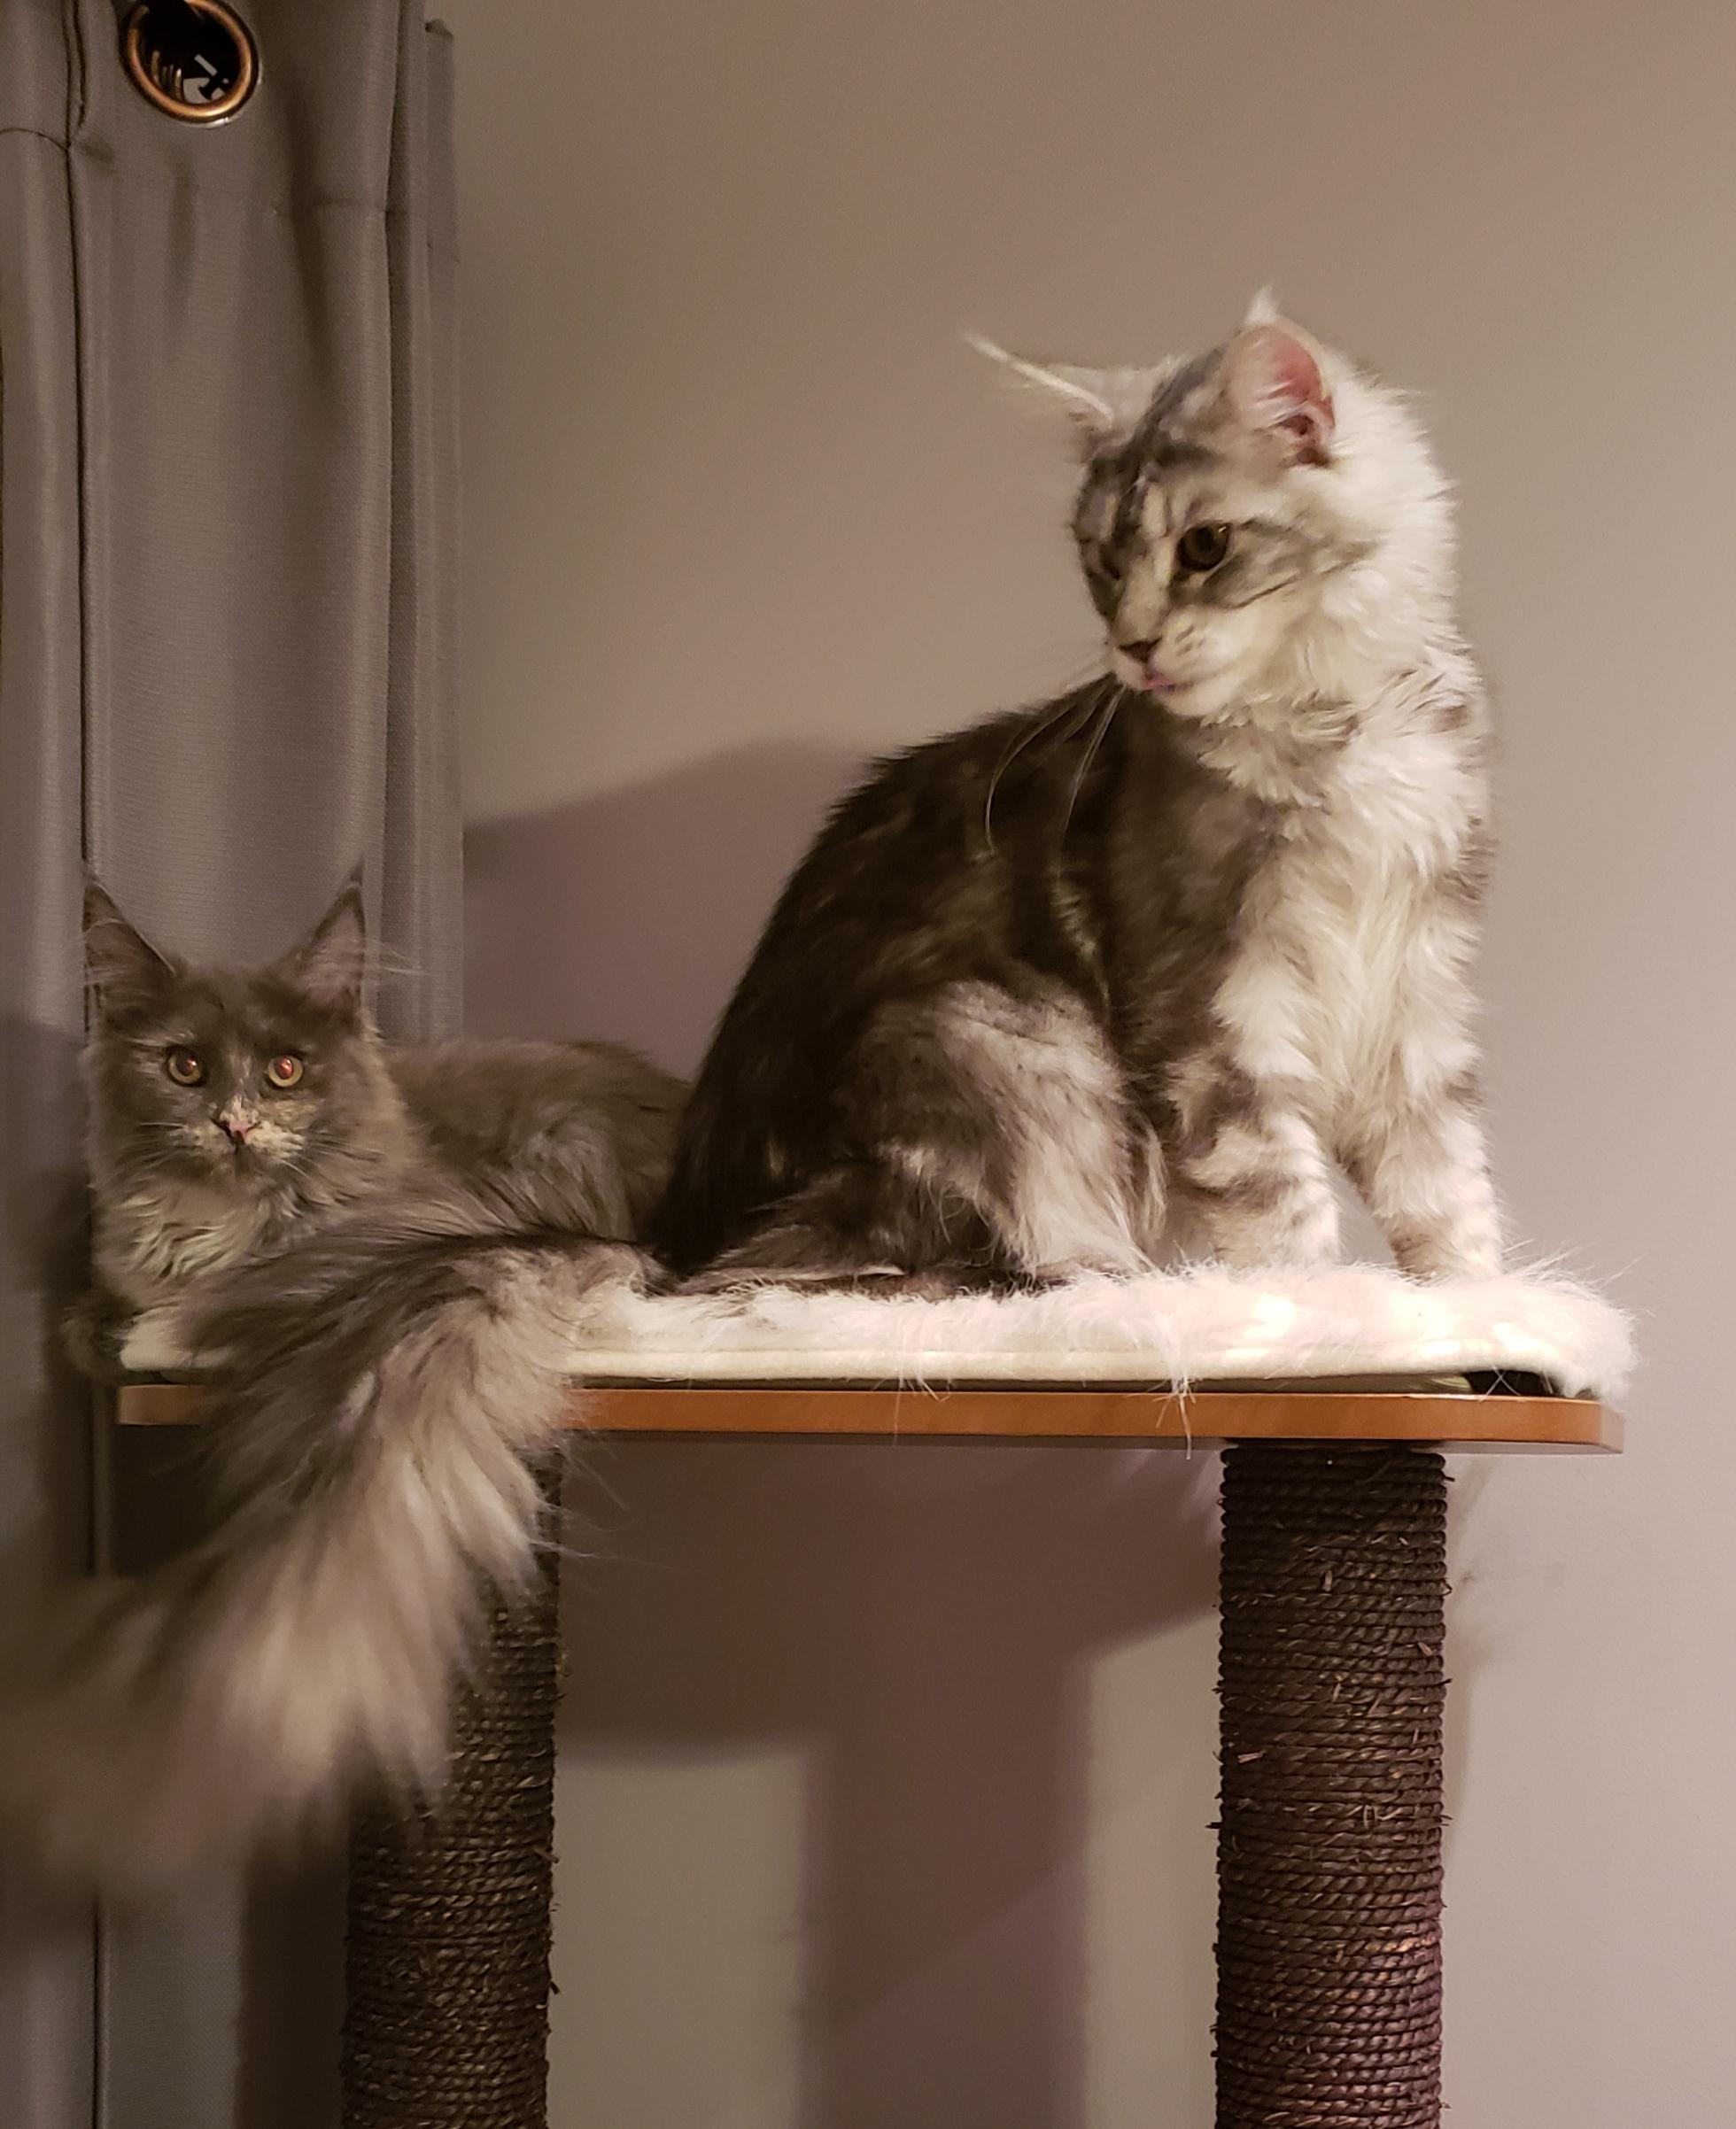 Mika and N'talia